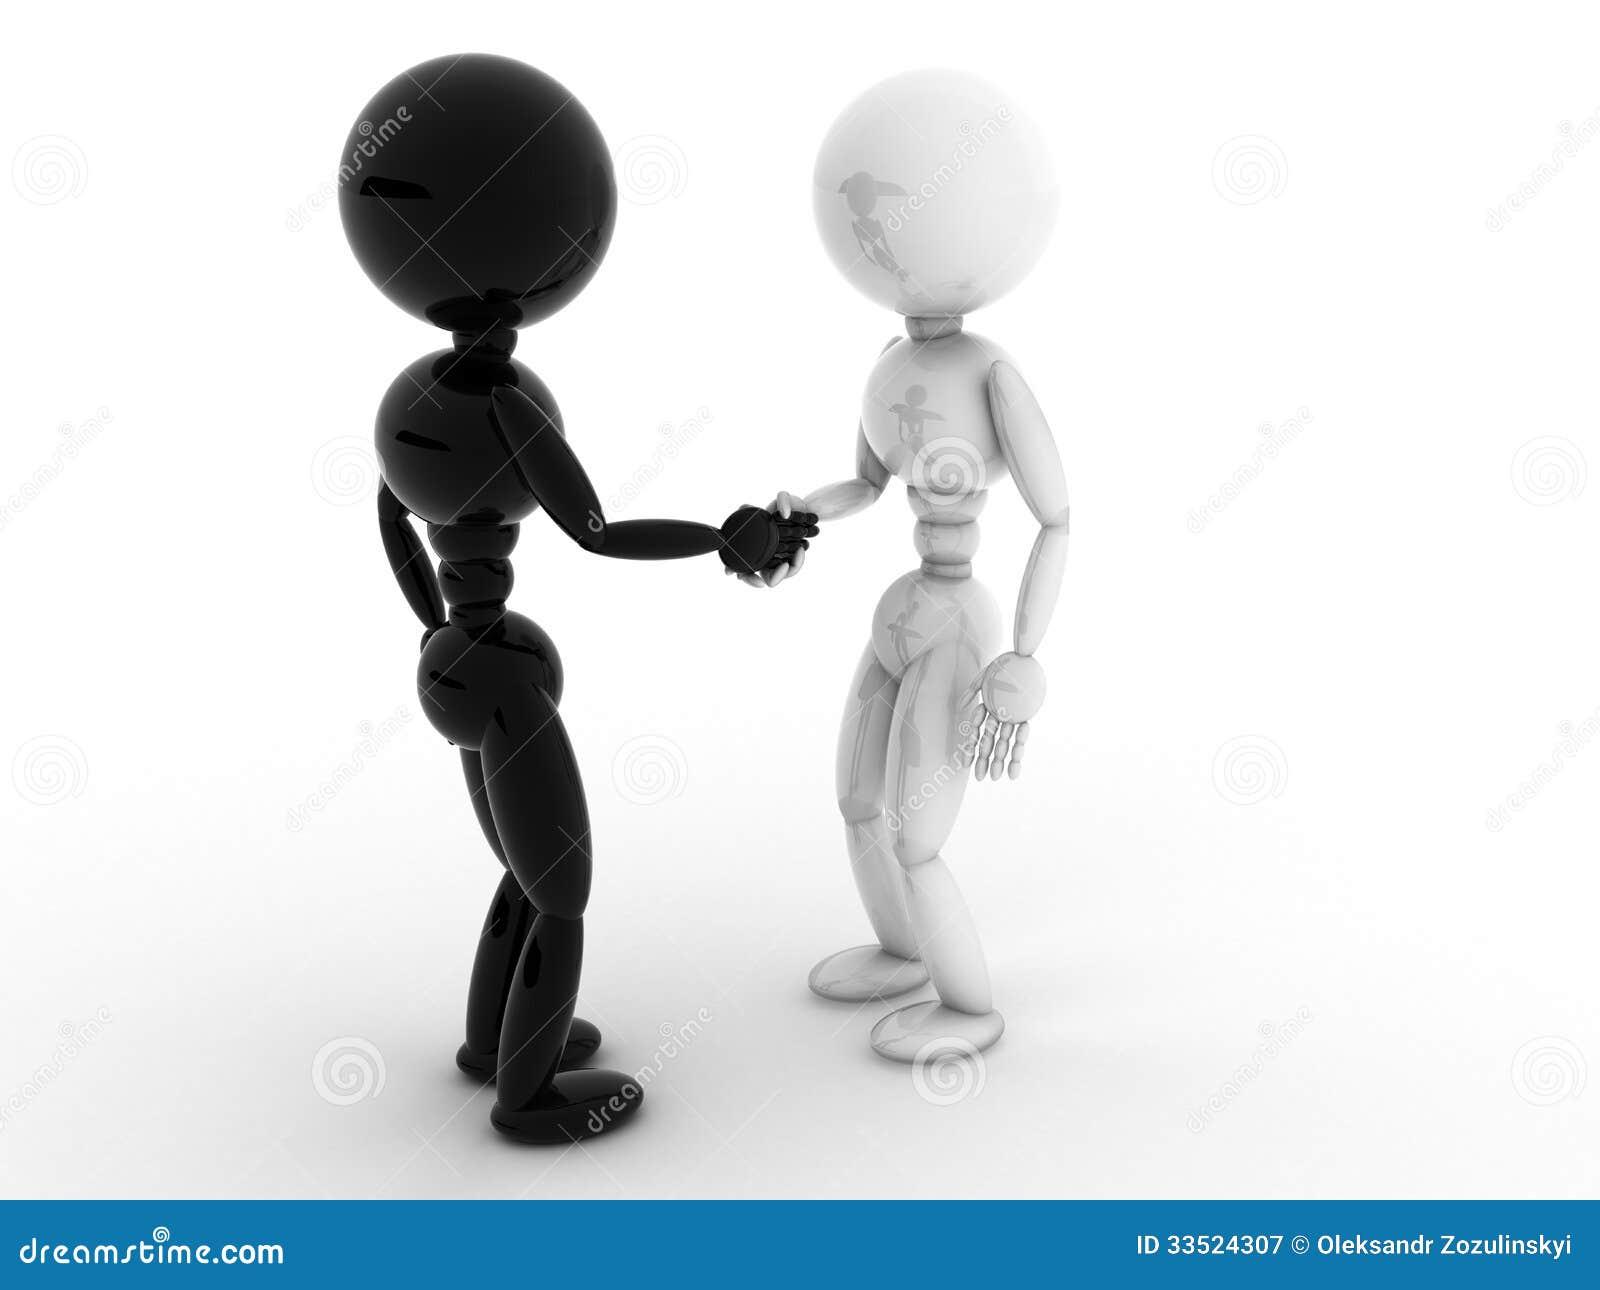 bianco e persone di colore che stringono le mani 2. Black Bedroom Furniture Sets. Home Design Ideas